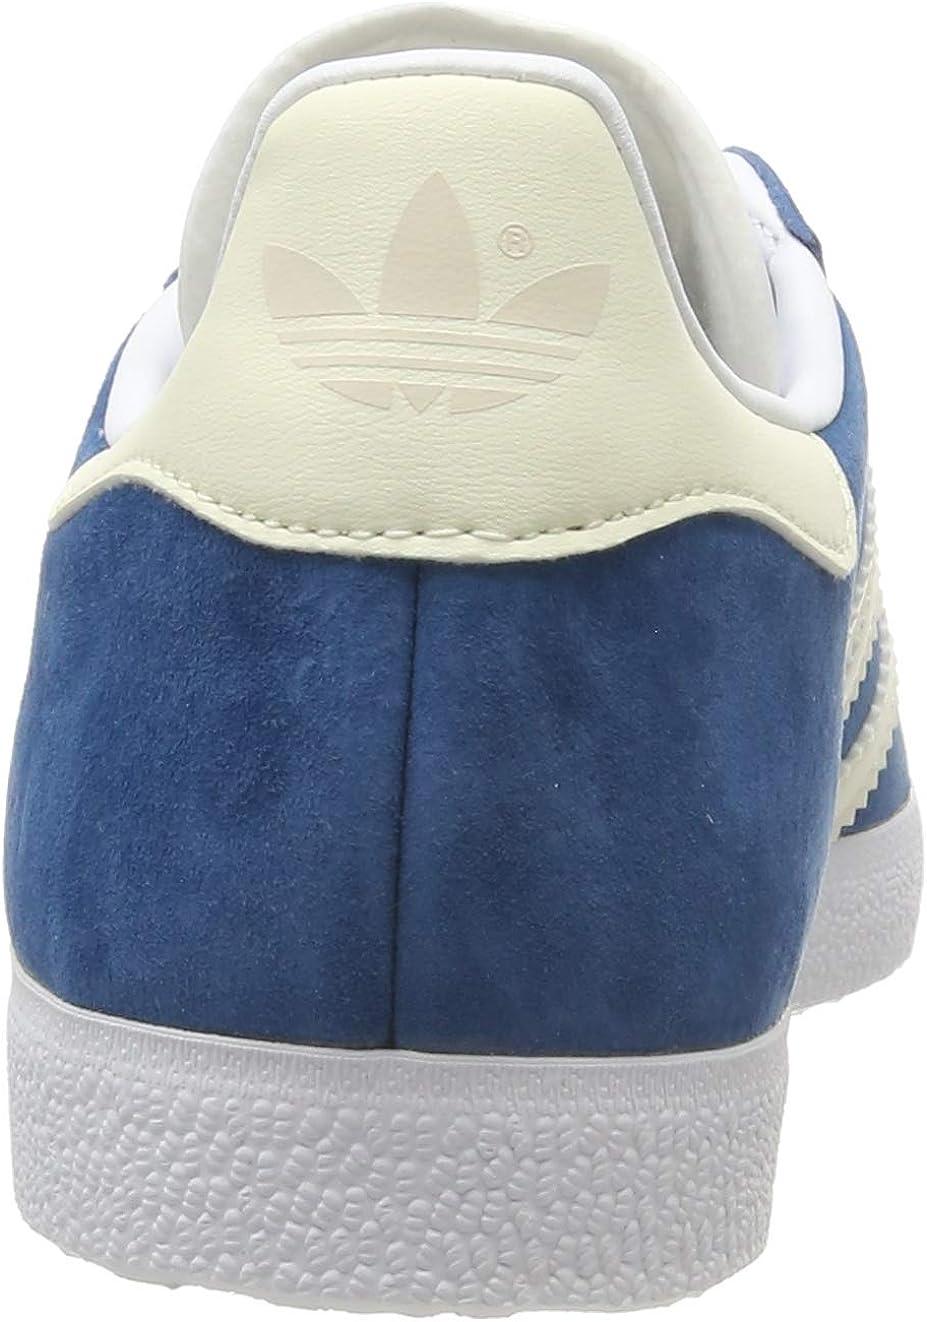 Zapatillas de Gimnasia para Mujer adidas Gazelle W